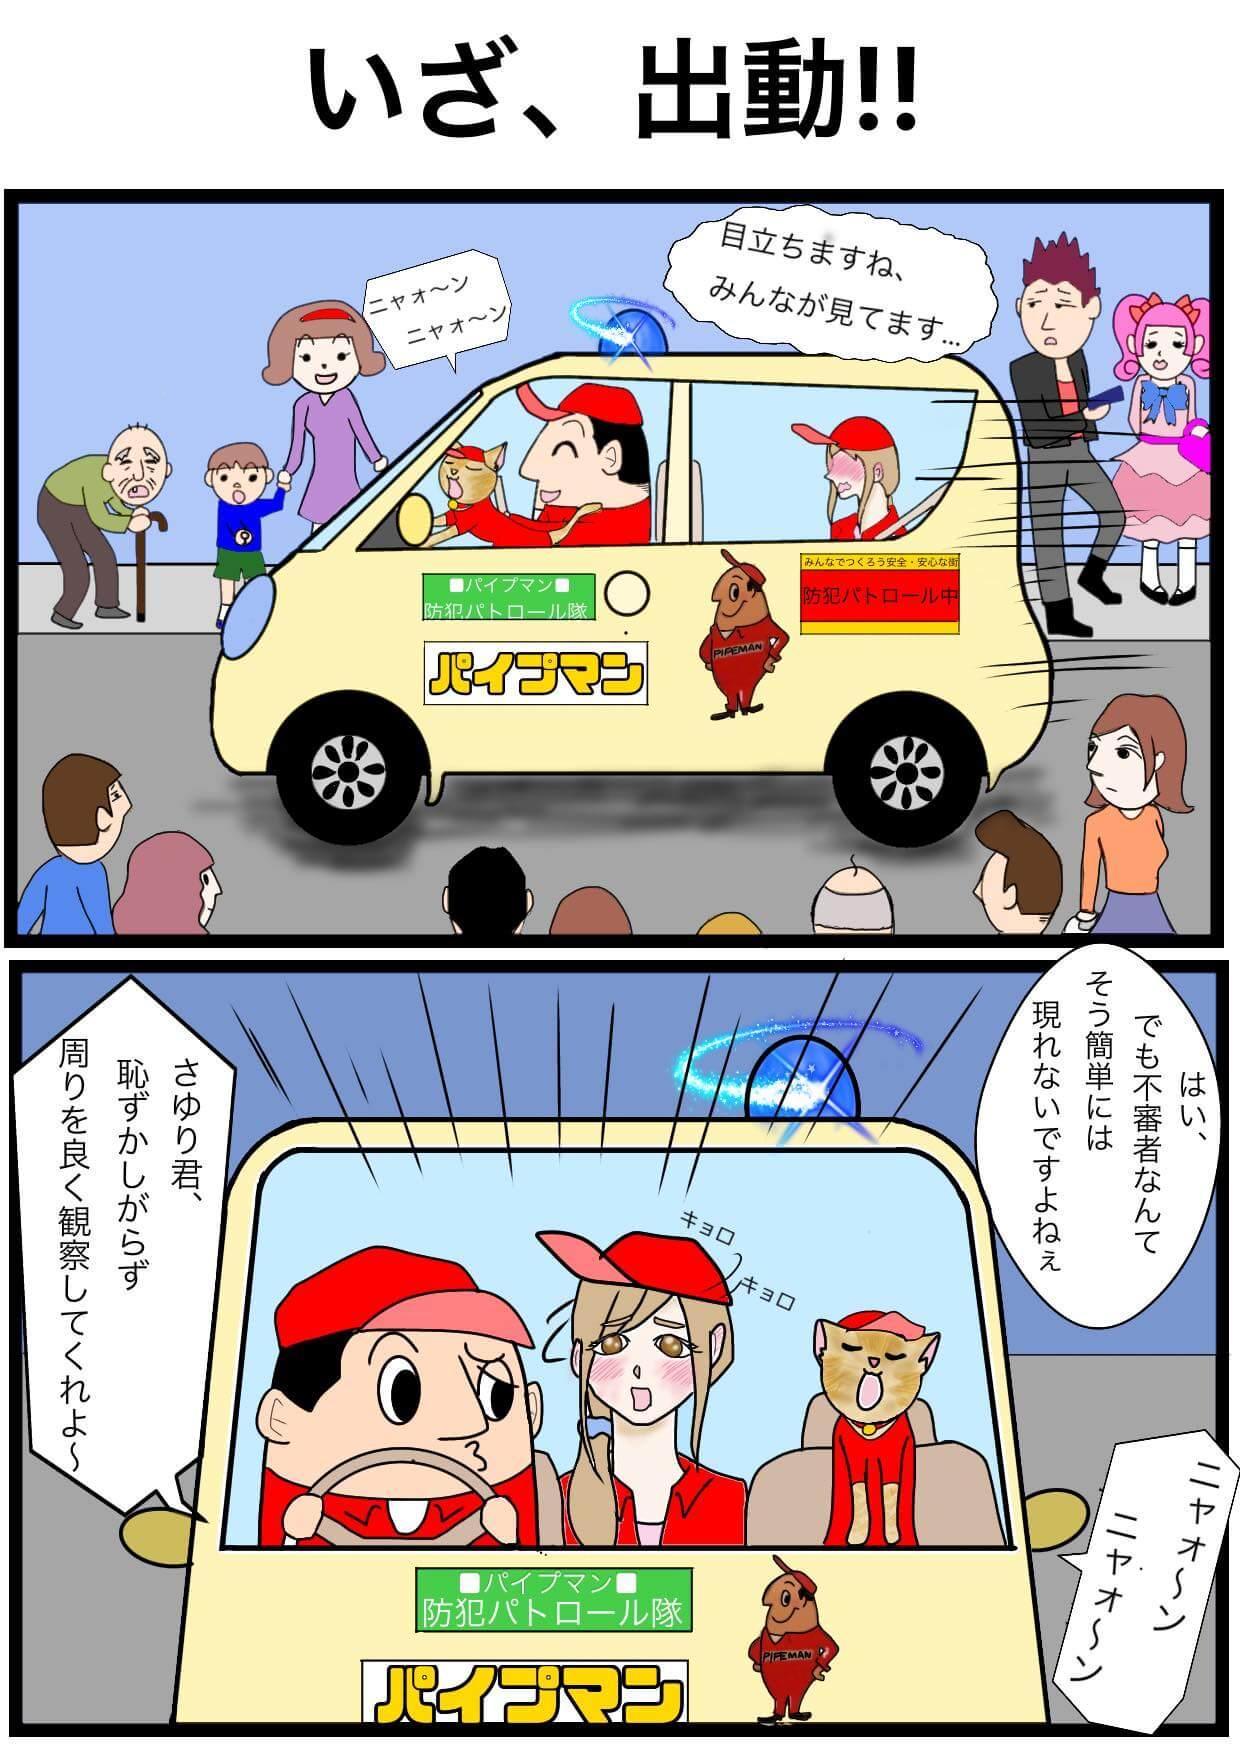 パイプマン漫画第41話